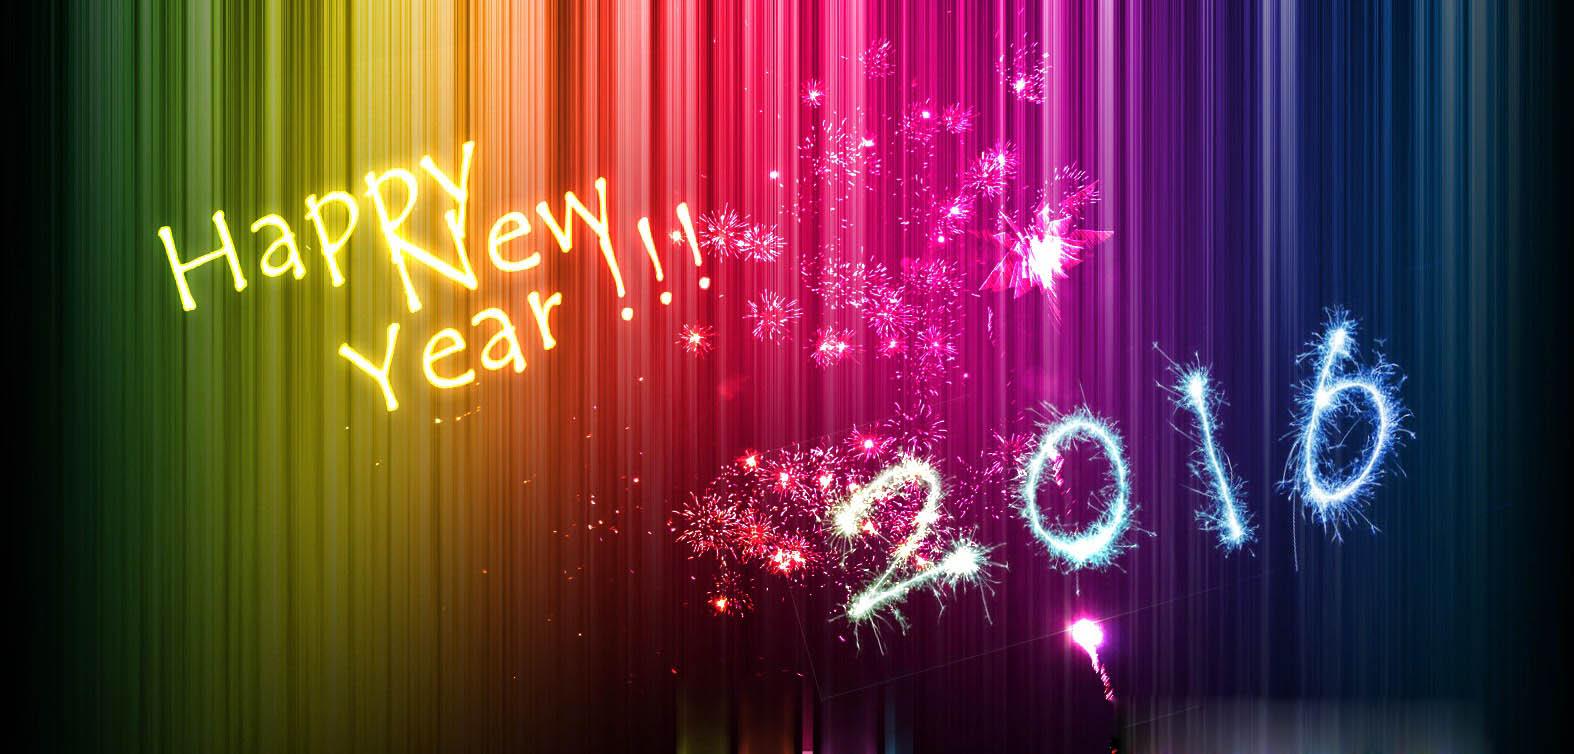 hình nền năm mới 2016